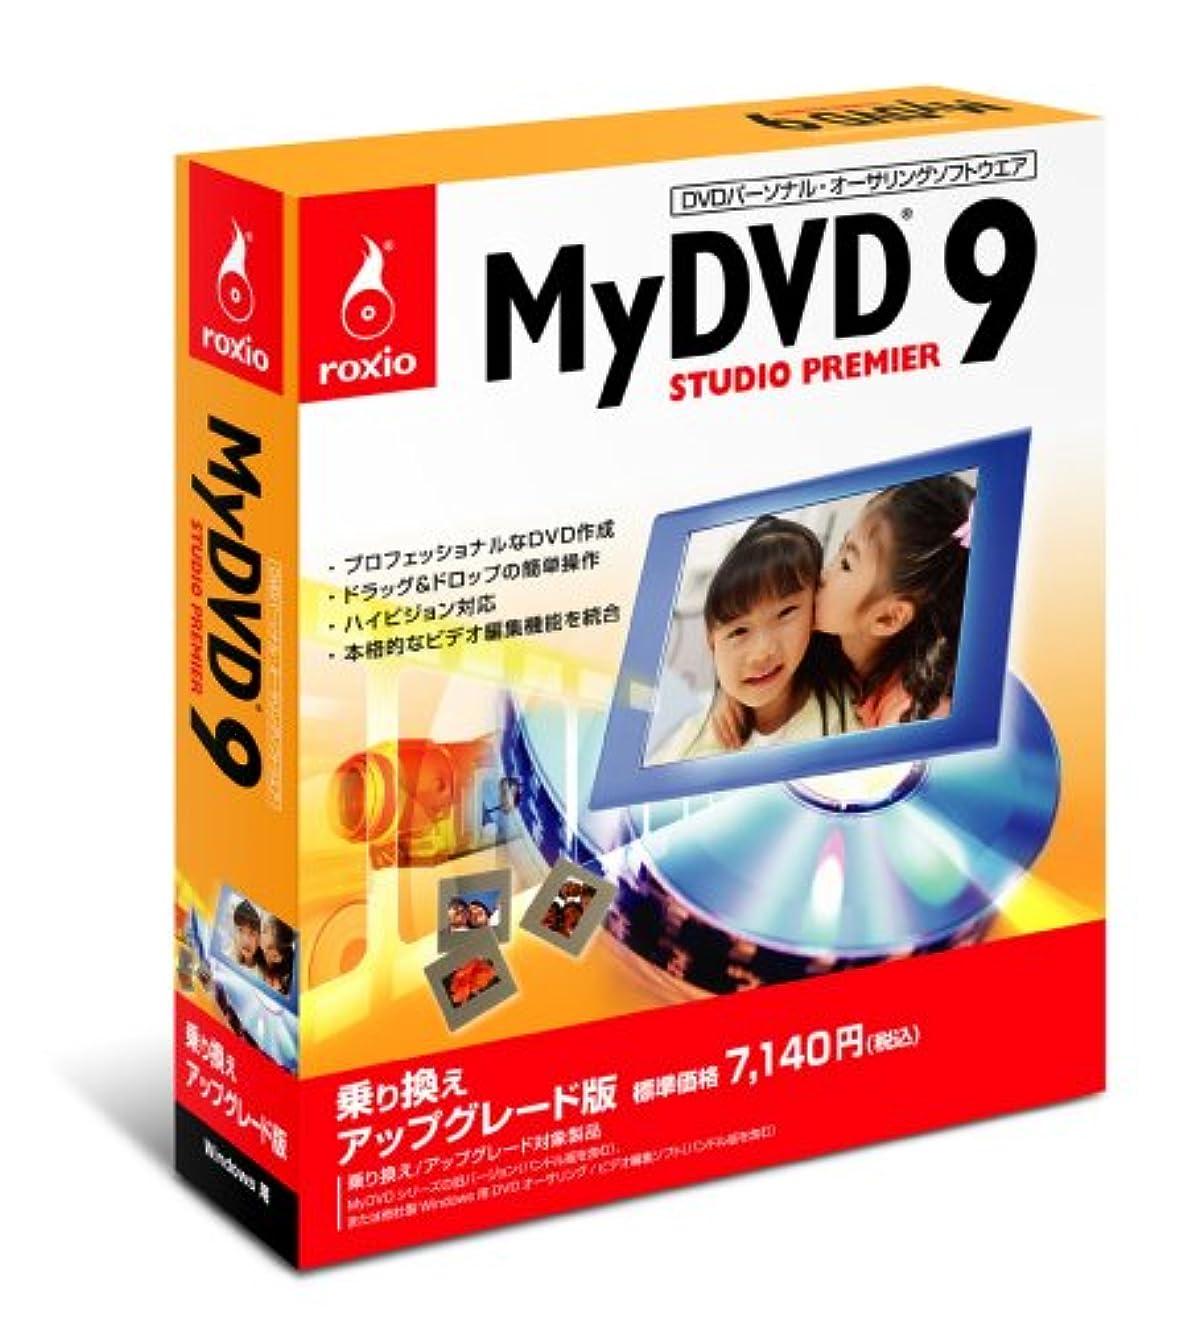 ずるい敵居心地の良いMyDVD 9 Studio Premier 乗り換えアップグレード版